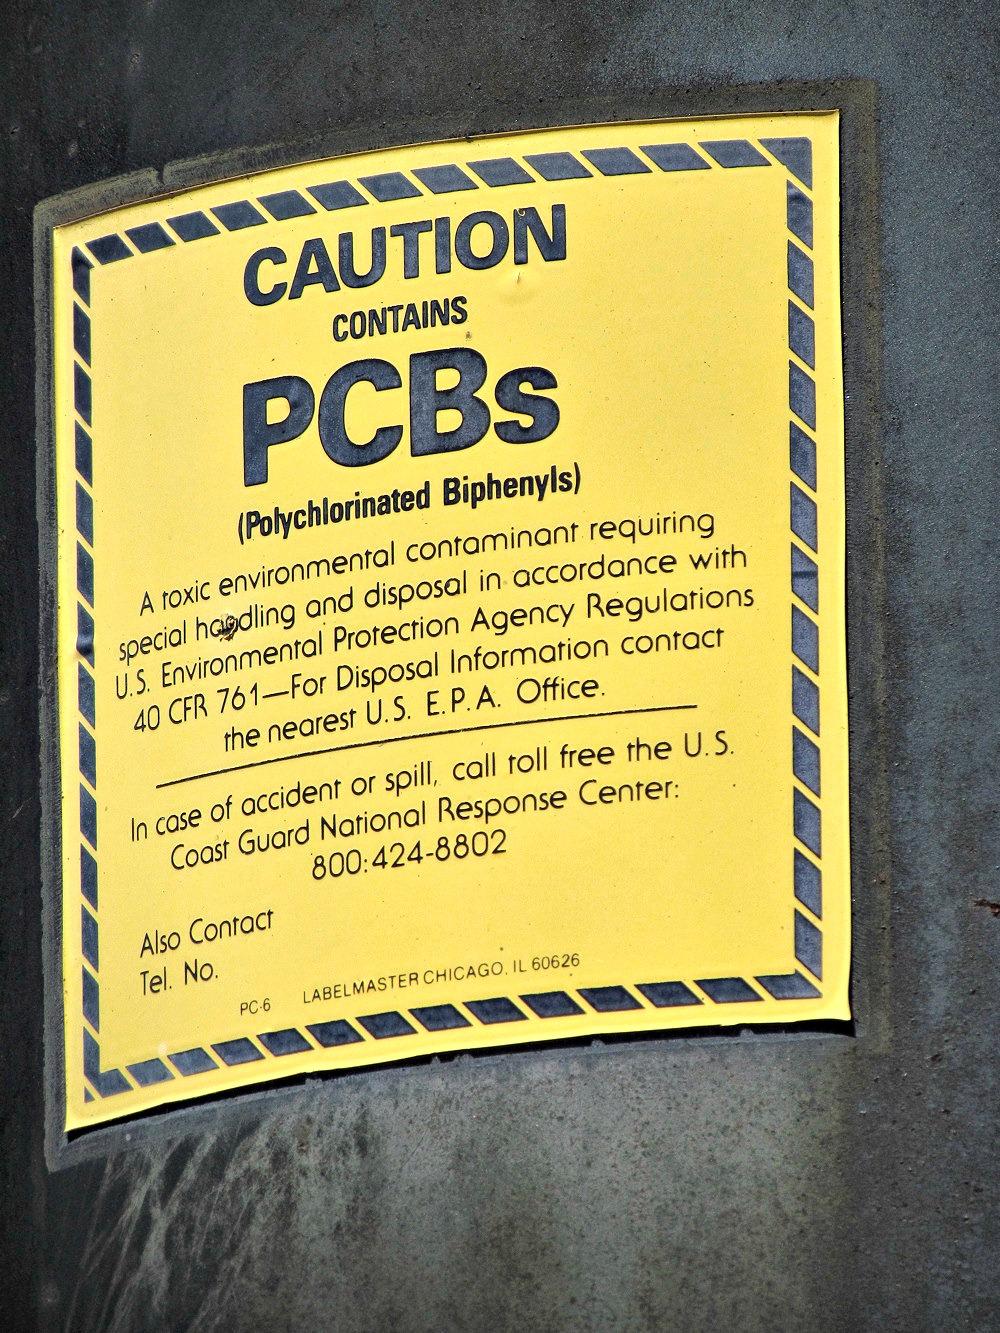 pcbs_warning_sign